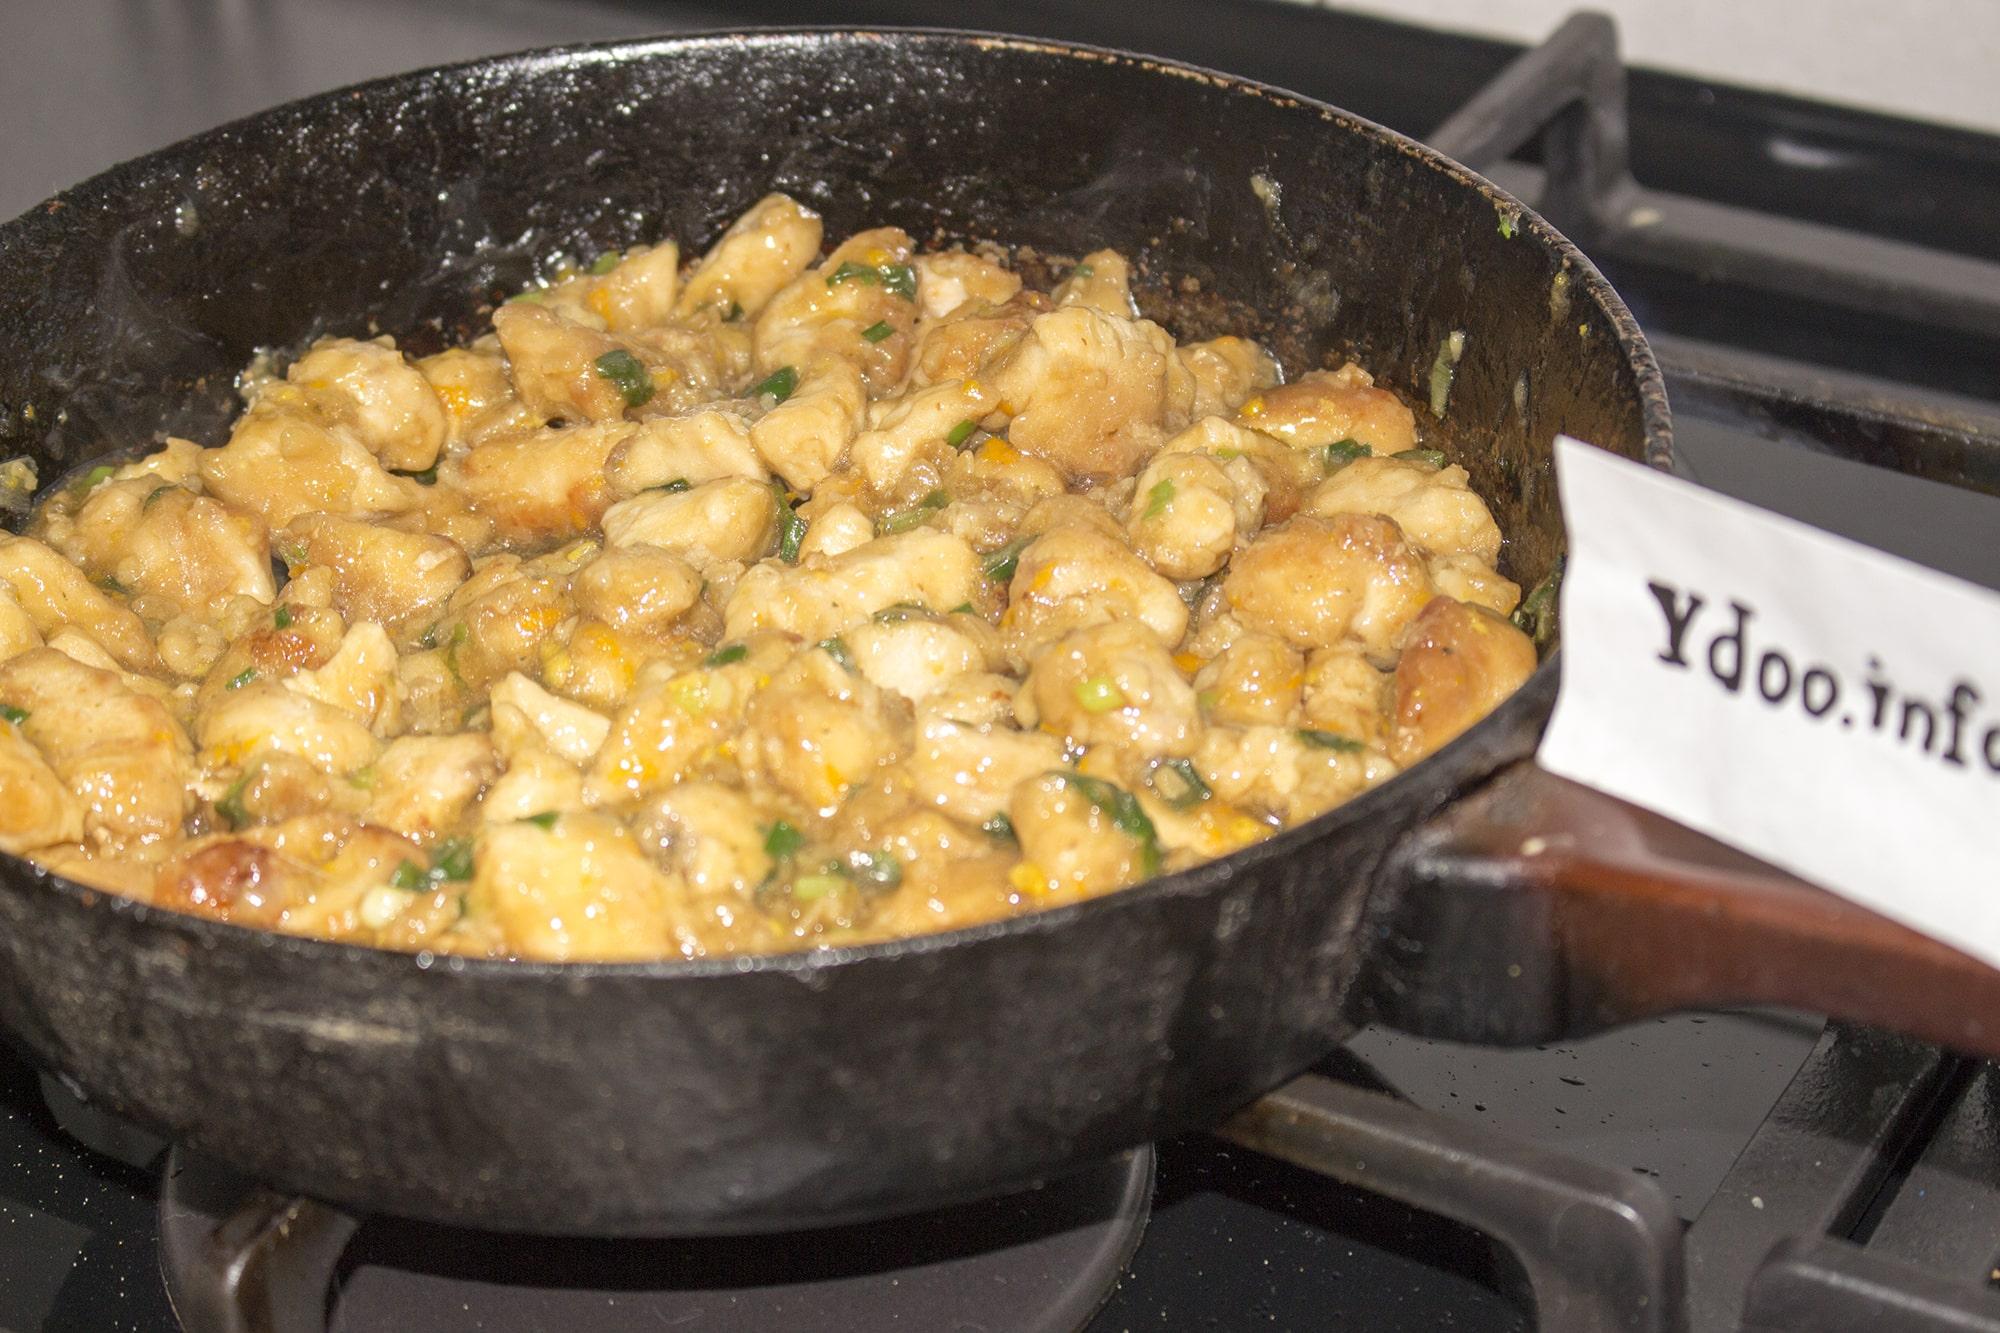 एक फ्राइंग पैन में भुना हुआ चिकन के टुकड़े, पॉलिश सॉस